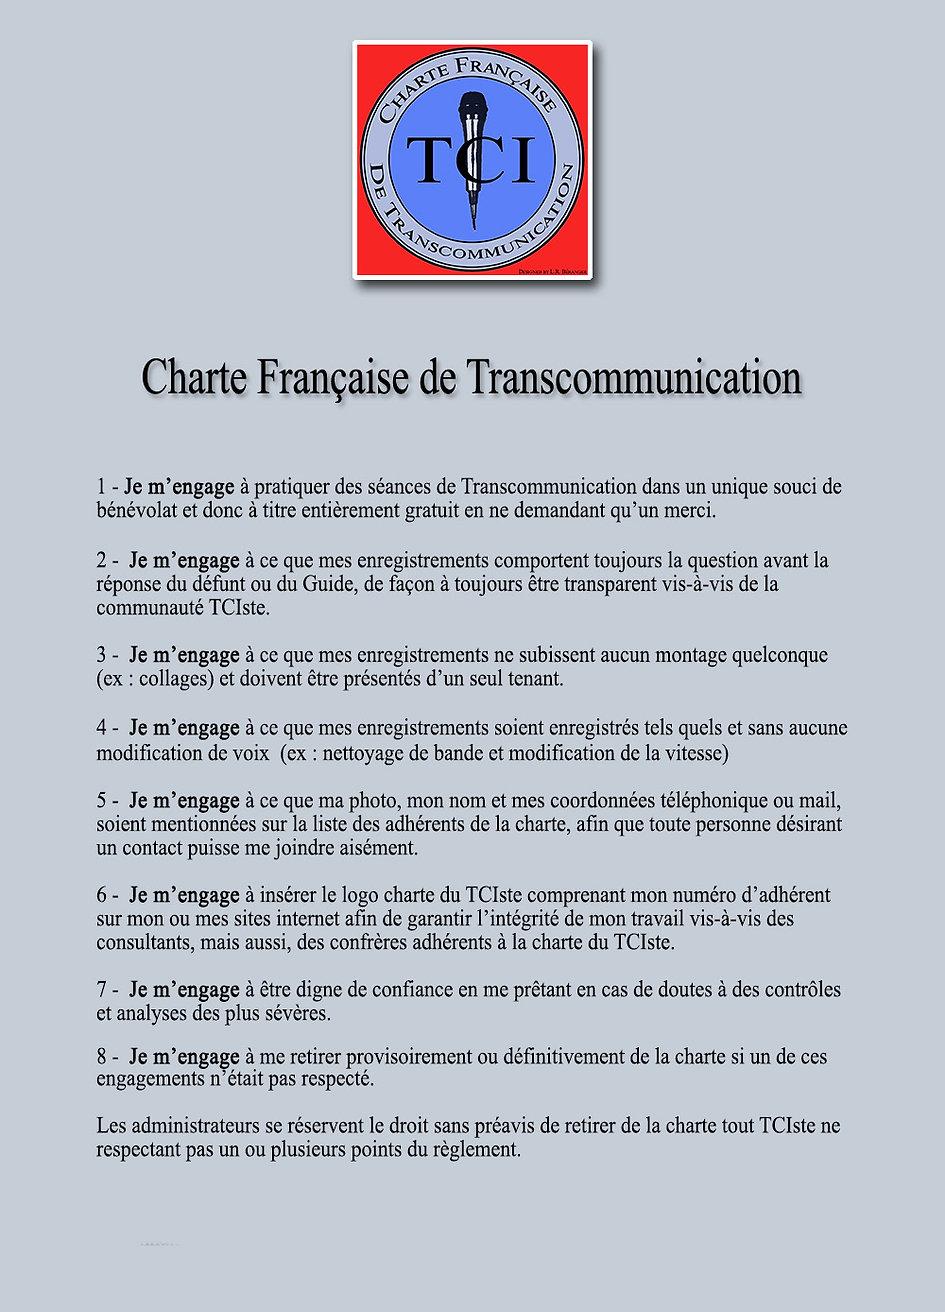 Charte_Française_de_Transcommunication.j